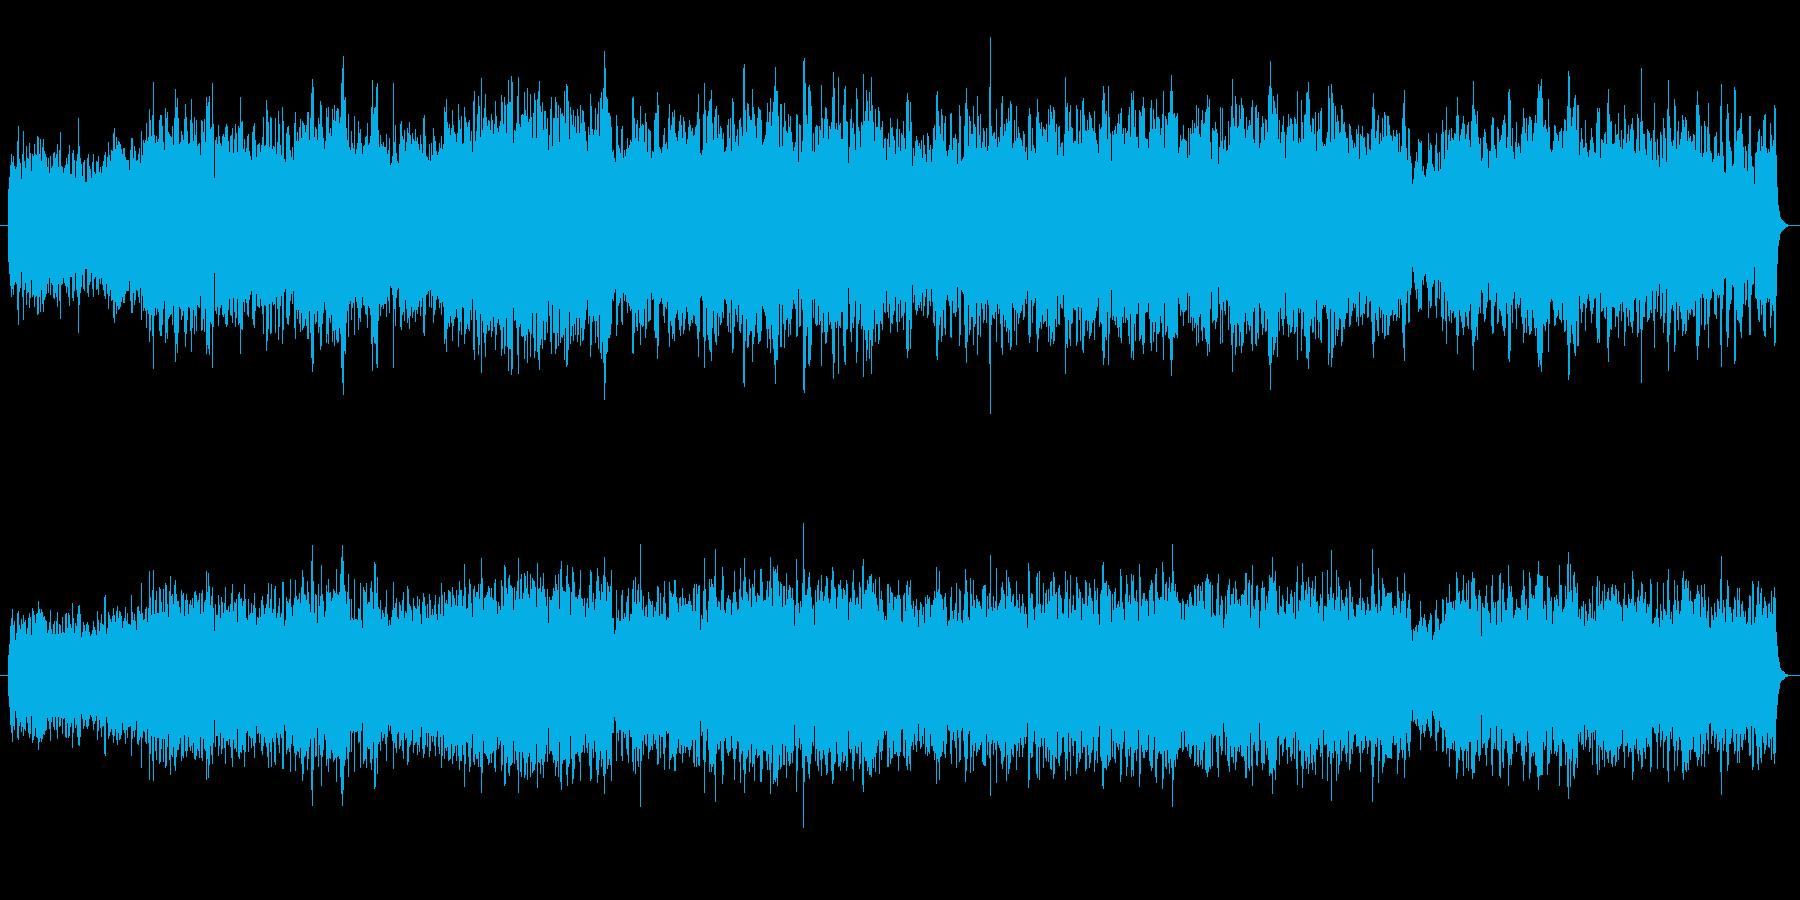 リラックス・睡眠・瞑想用BGMの再生済みの波形